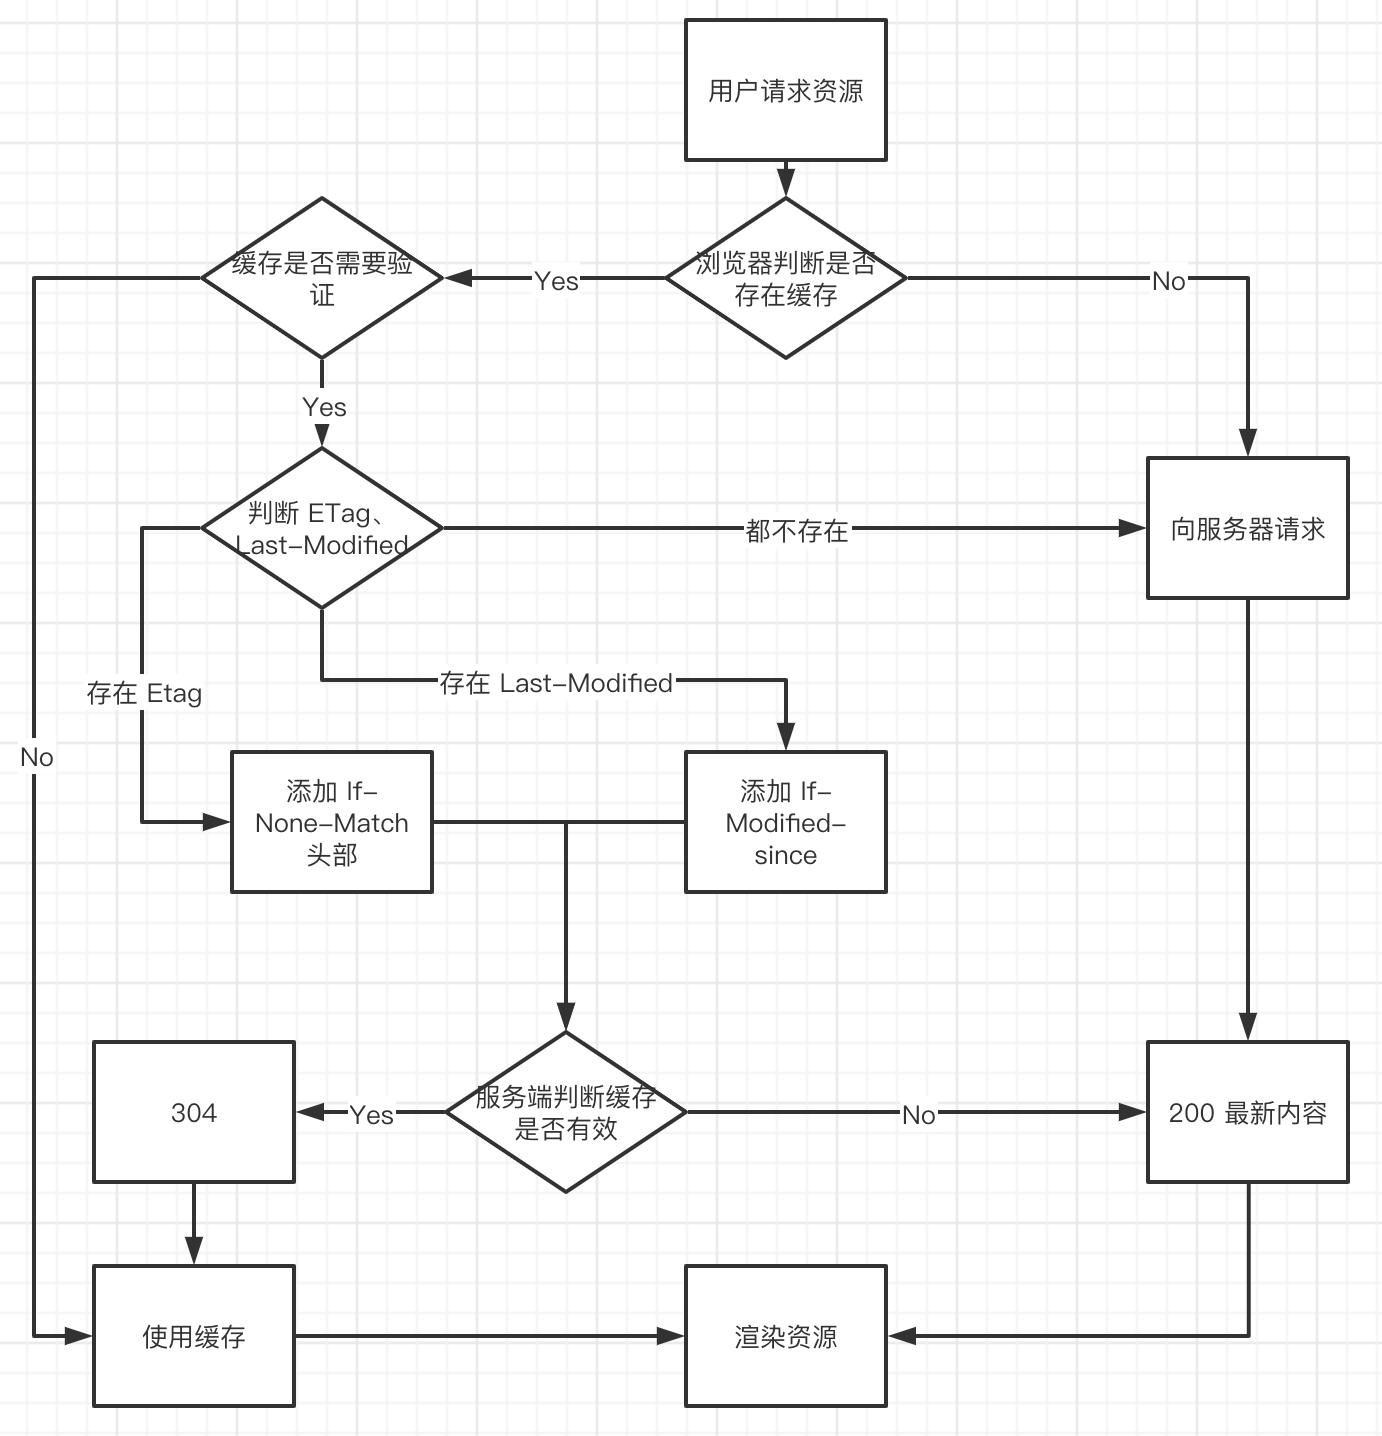 决策流程图